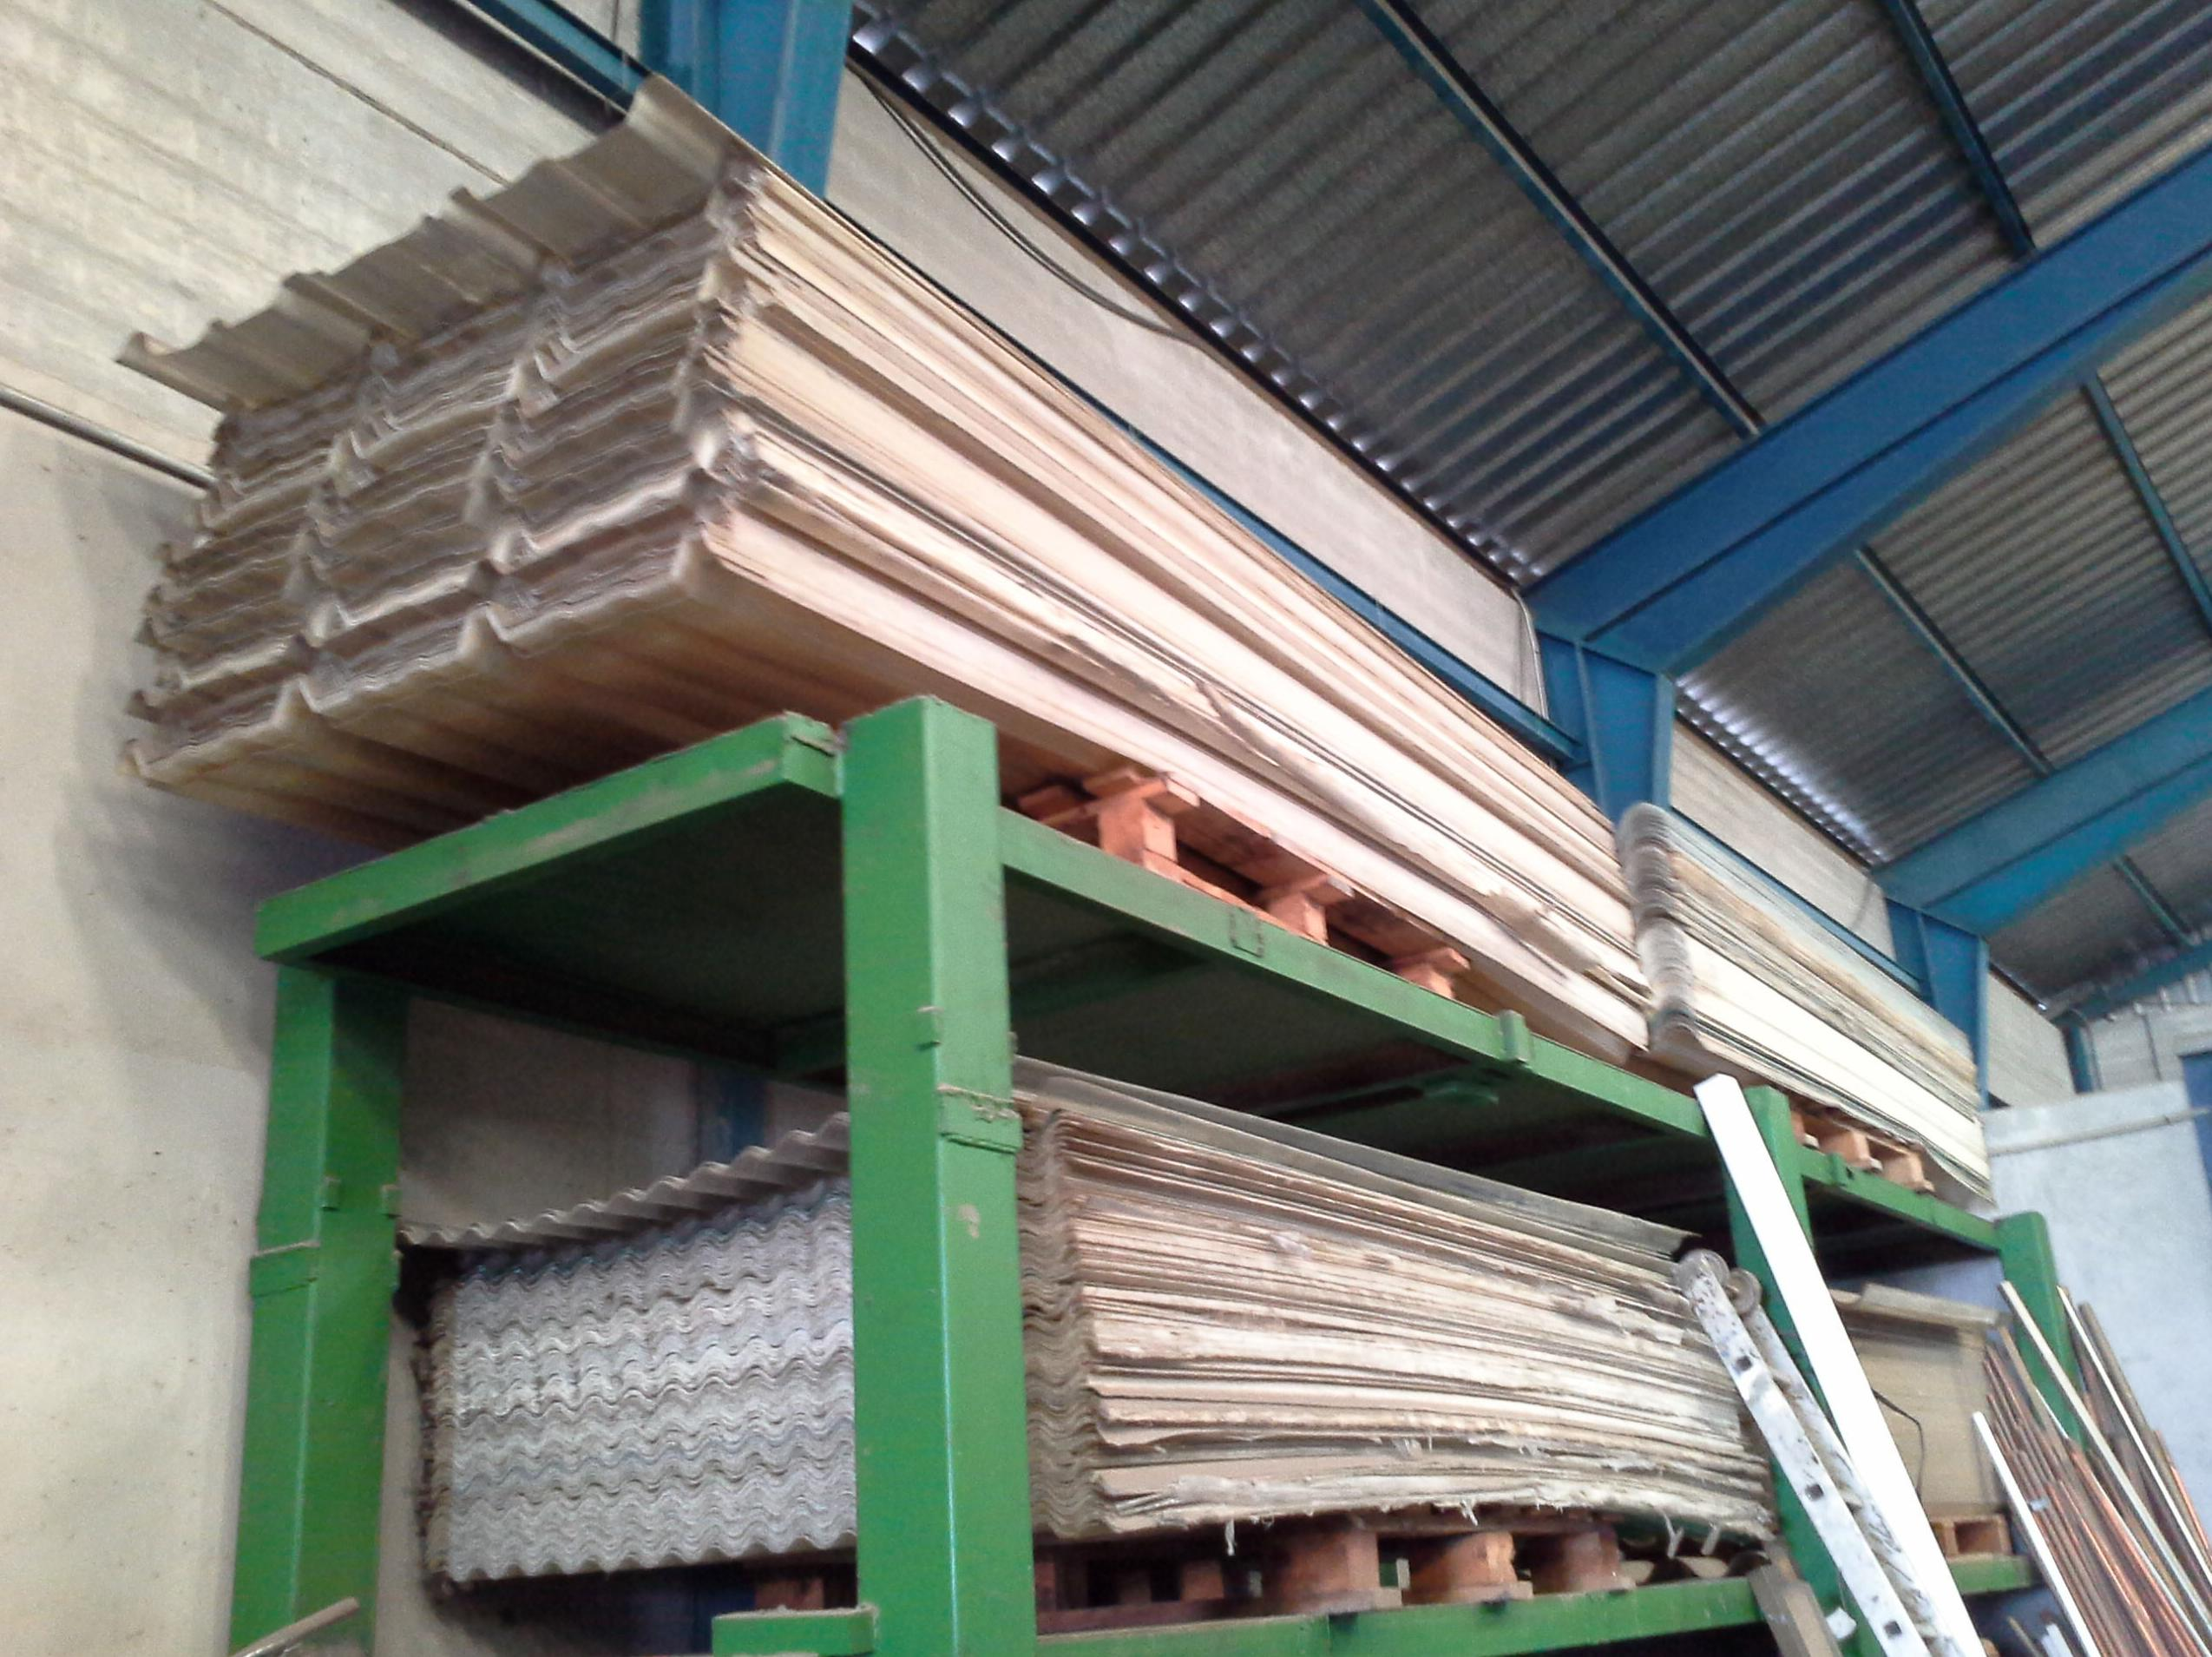 placas de tejado de poliester en chatarras clemente de albacete